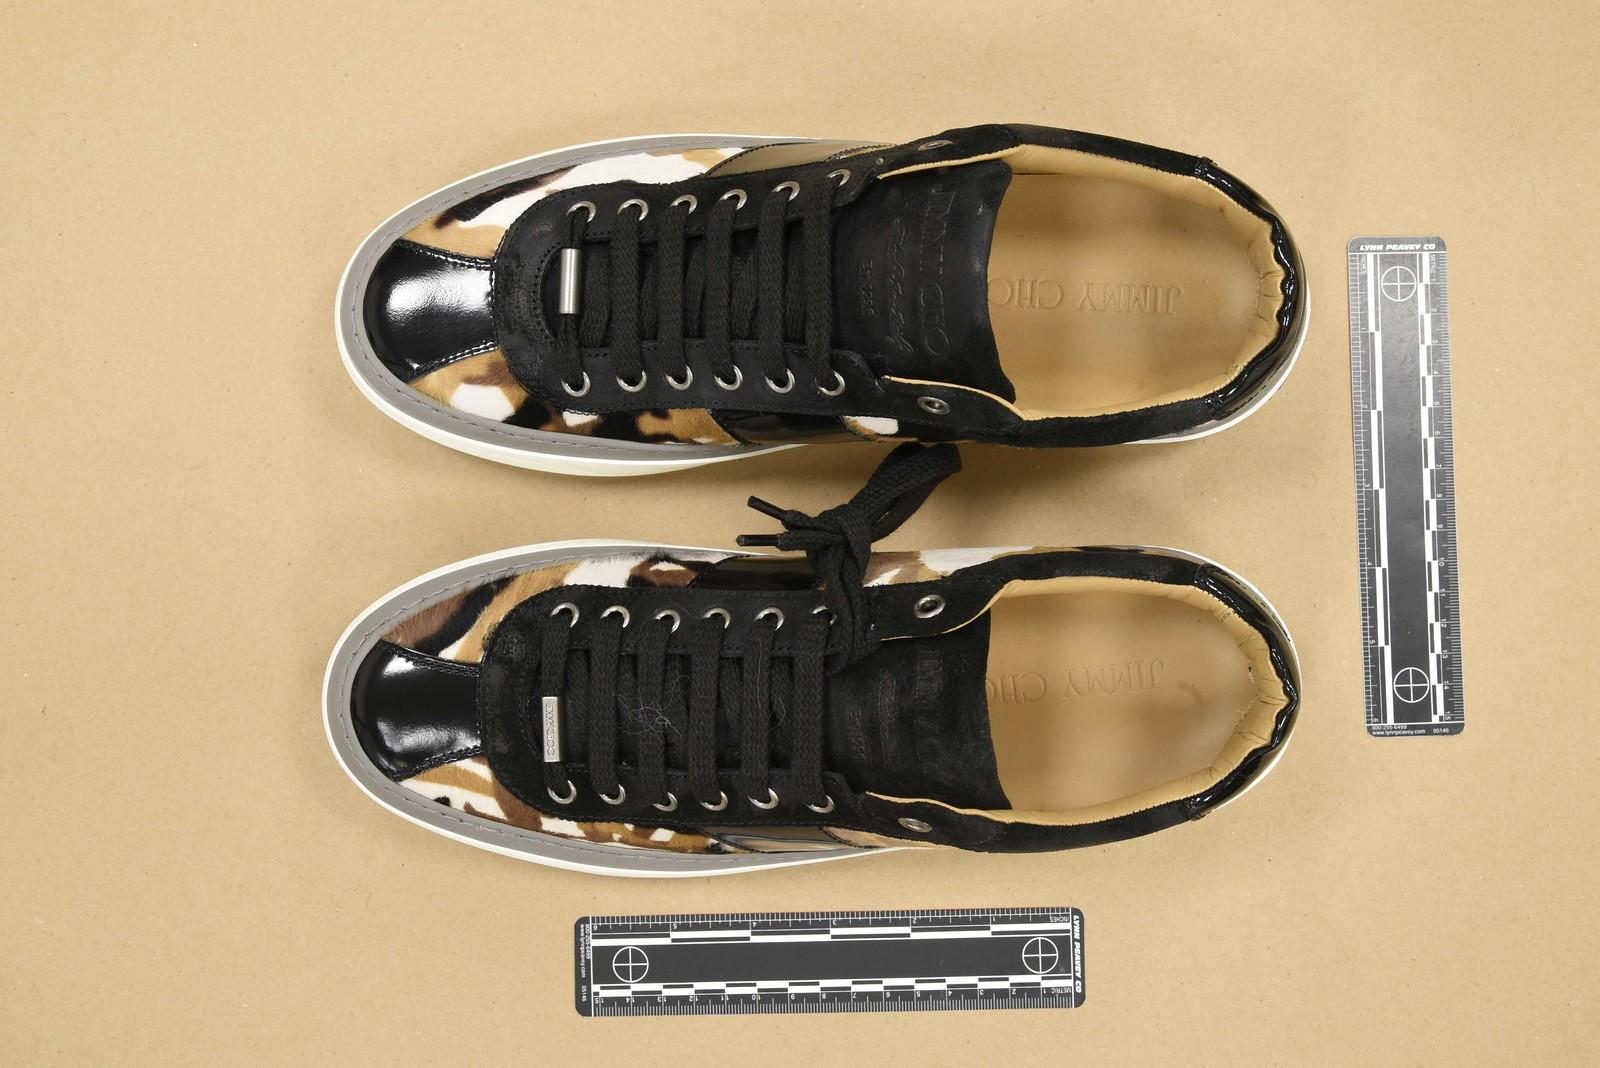 Stolen celebrity shoes